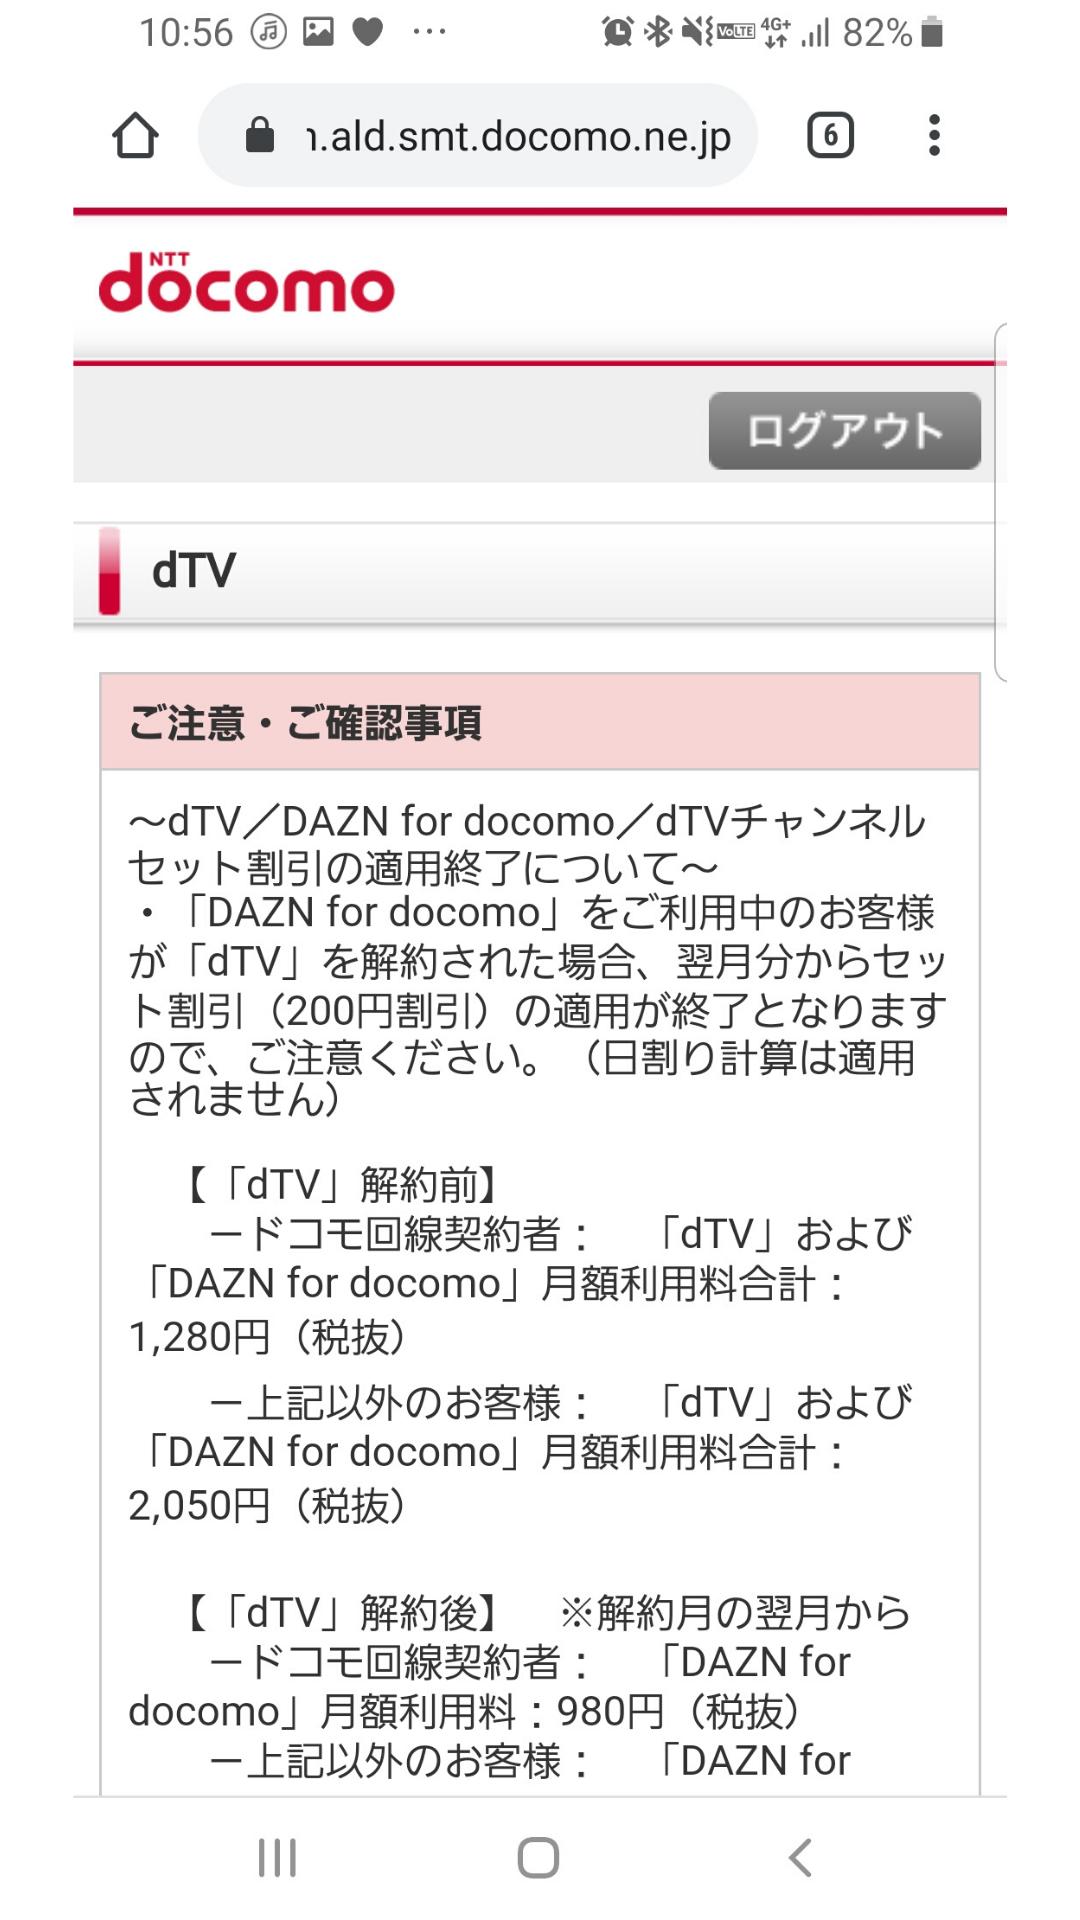 dTVの注意・確認事項を確認する